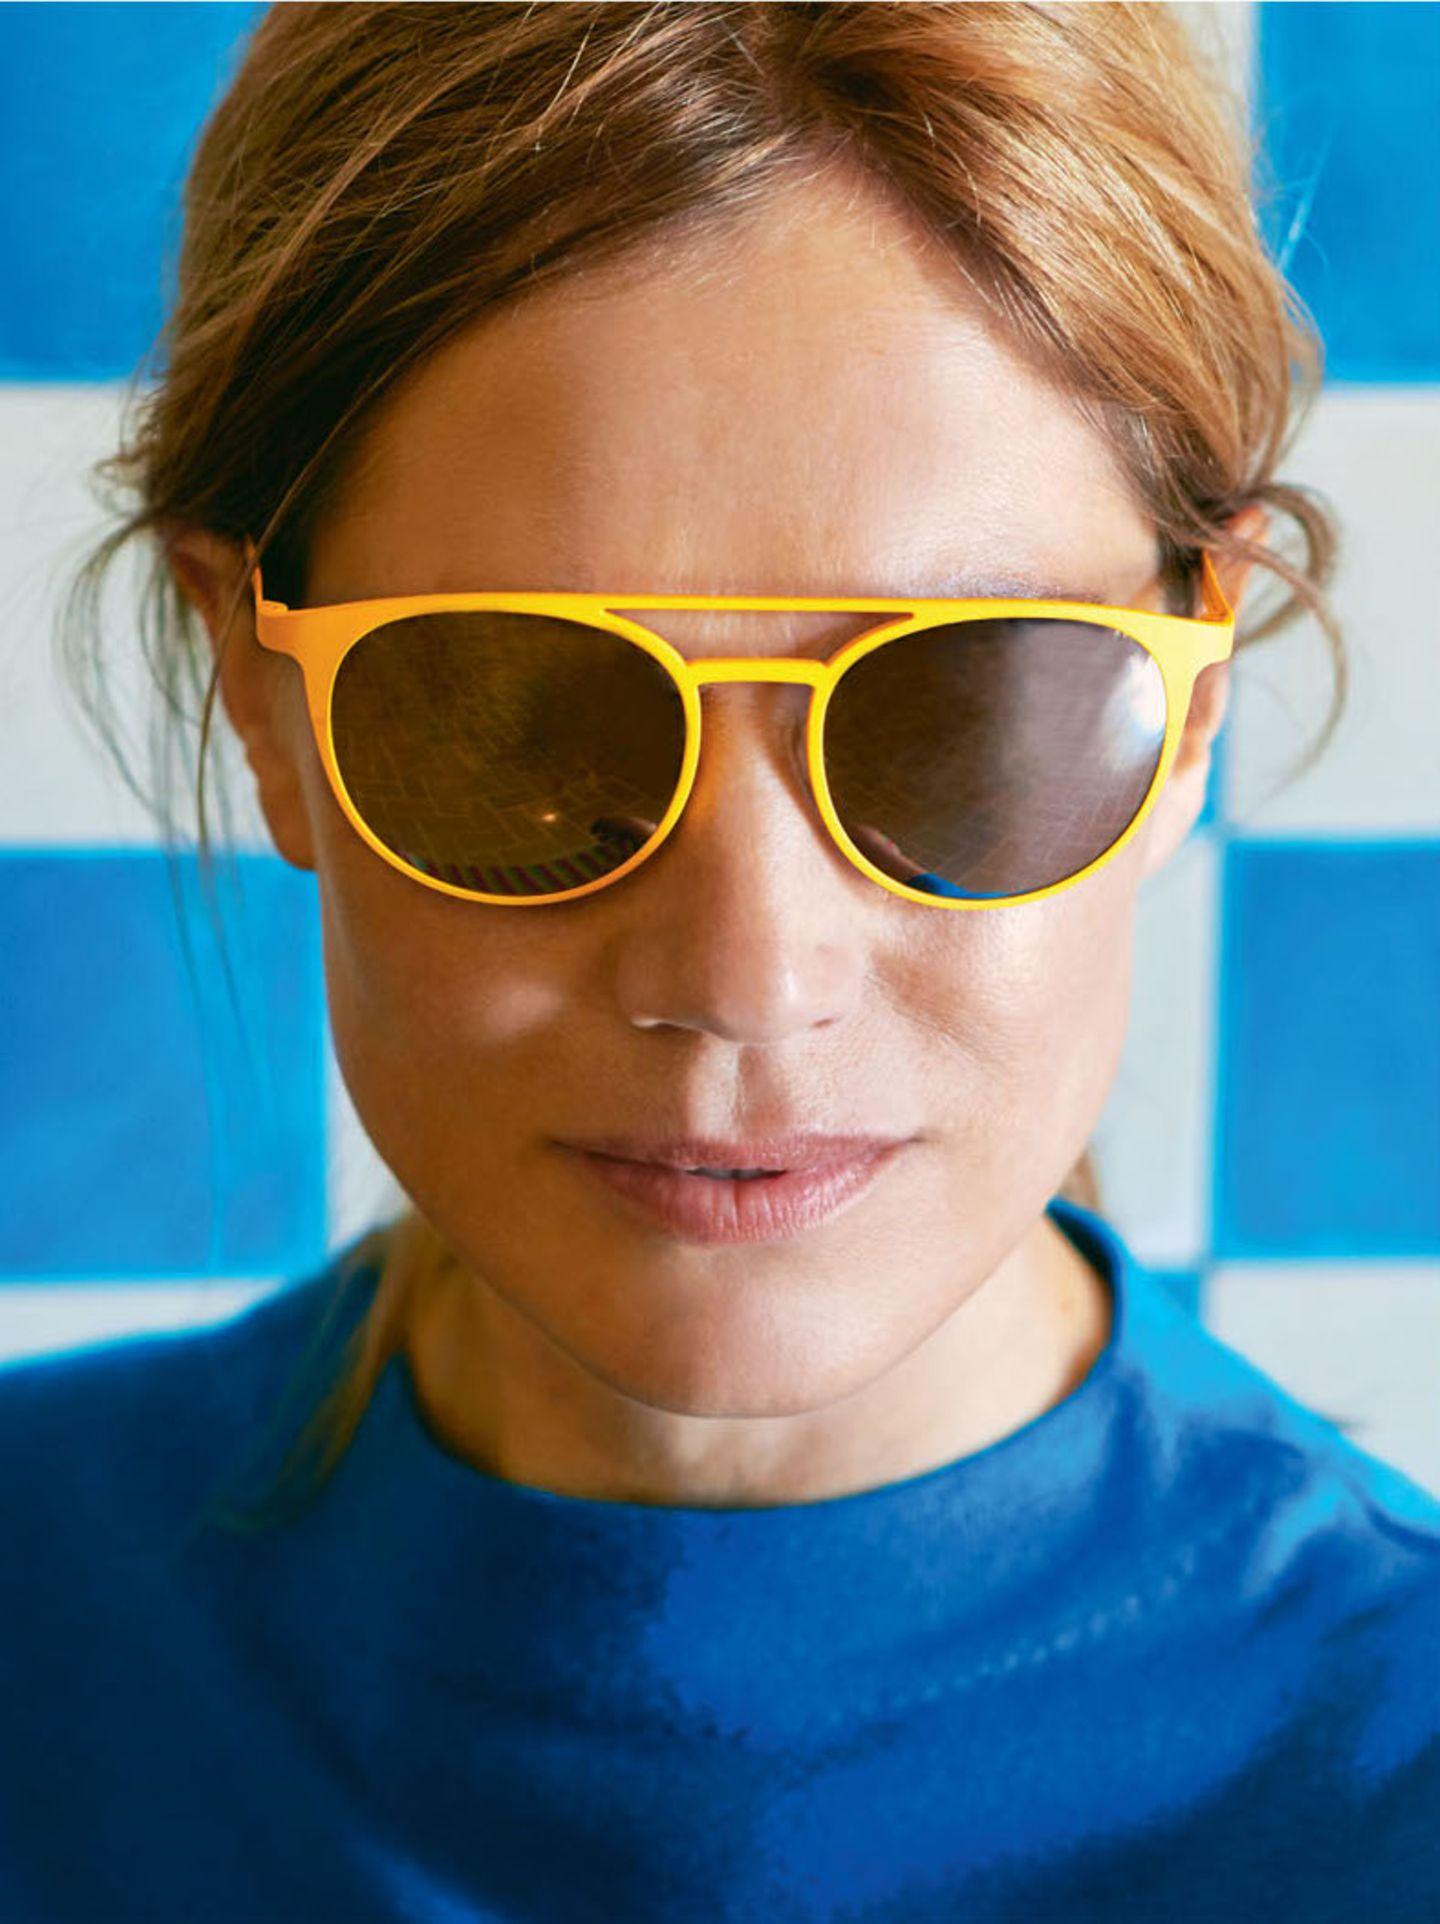 Farbtrends 2018: Frau mit gelber Sonnenbrille